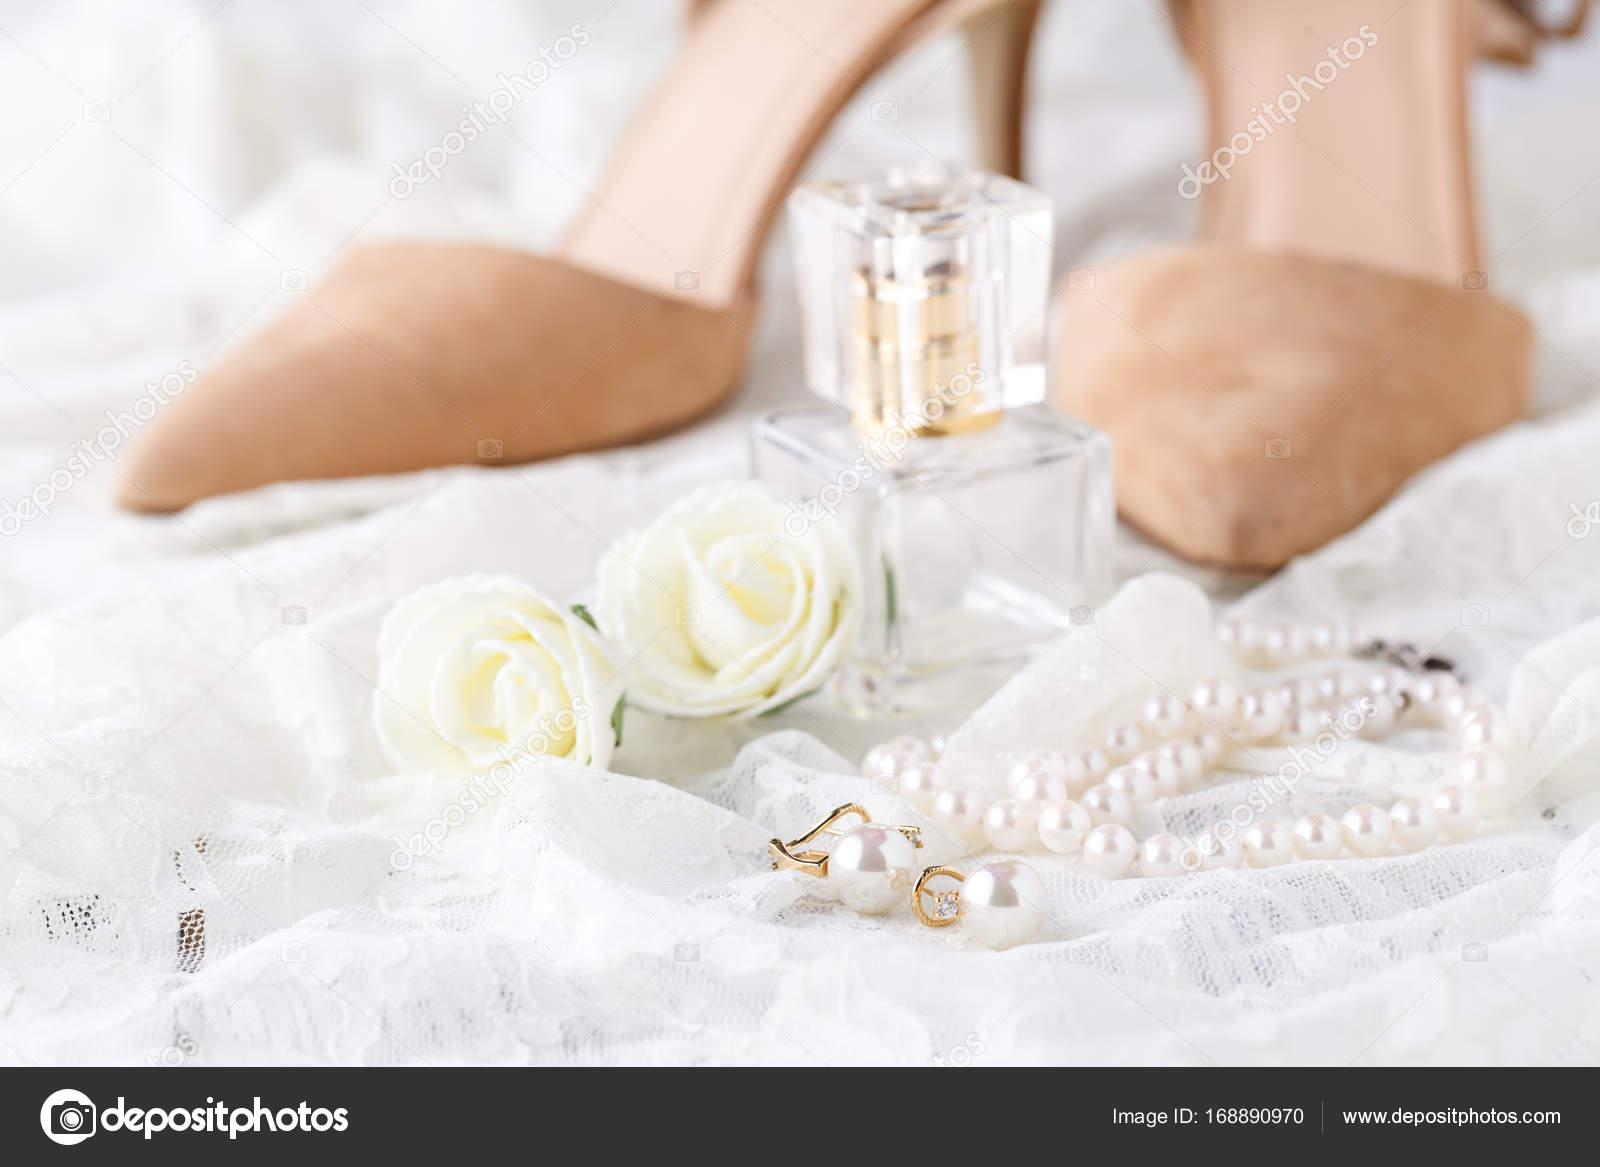 Esküvői csipke harisnyakötő és parfüm vár menyasszony. Szelektív  összpontosít — Fotó szerzőtől AndreyCherkasov 4100e18156